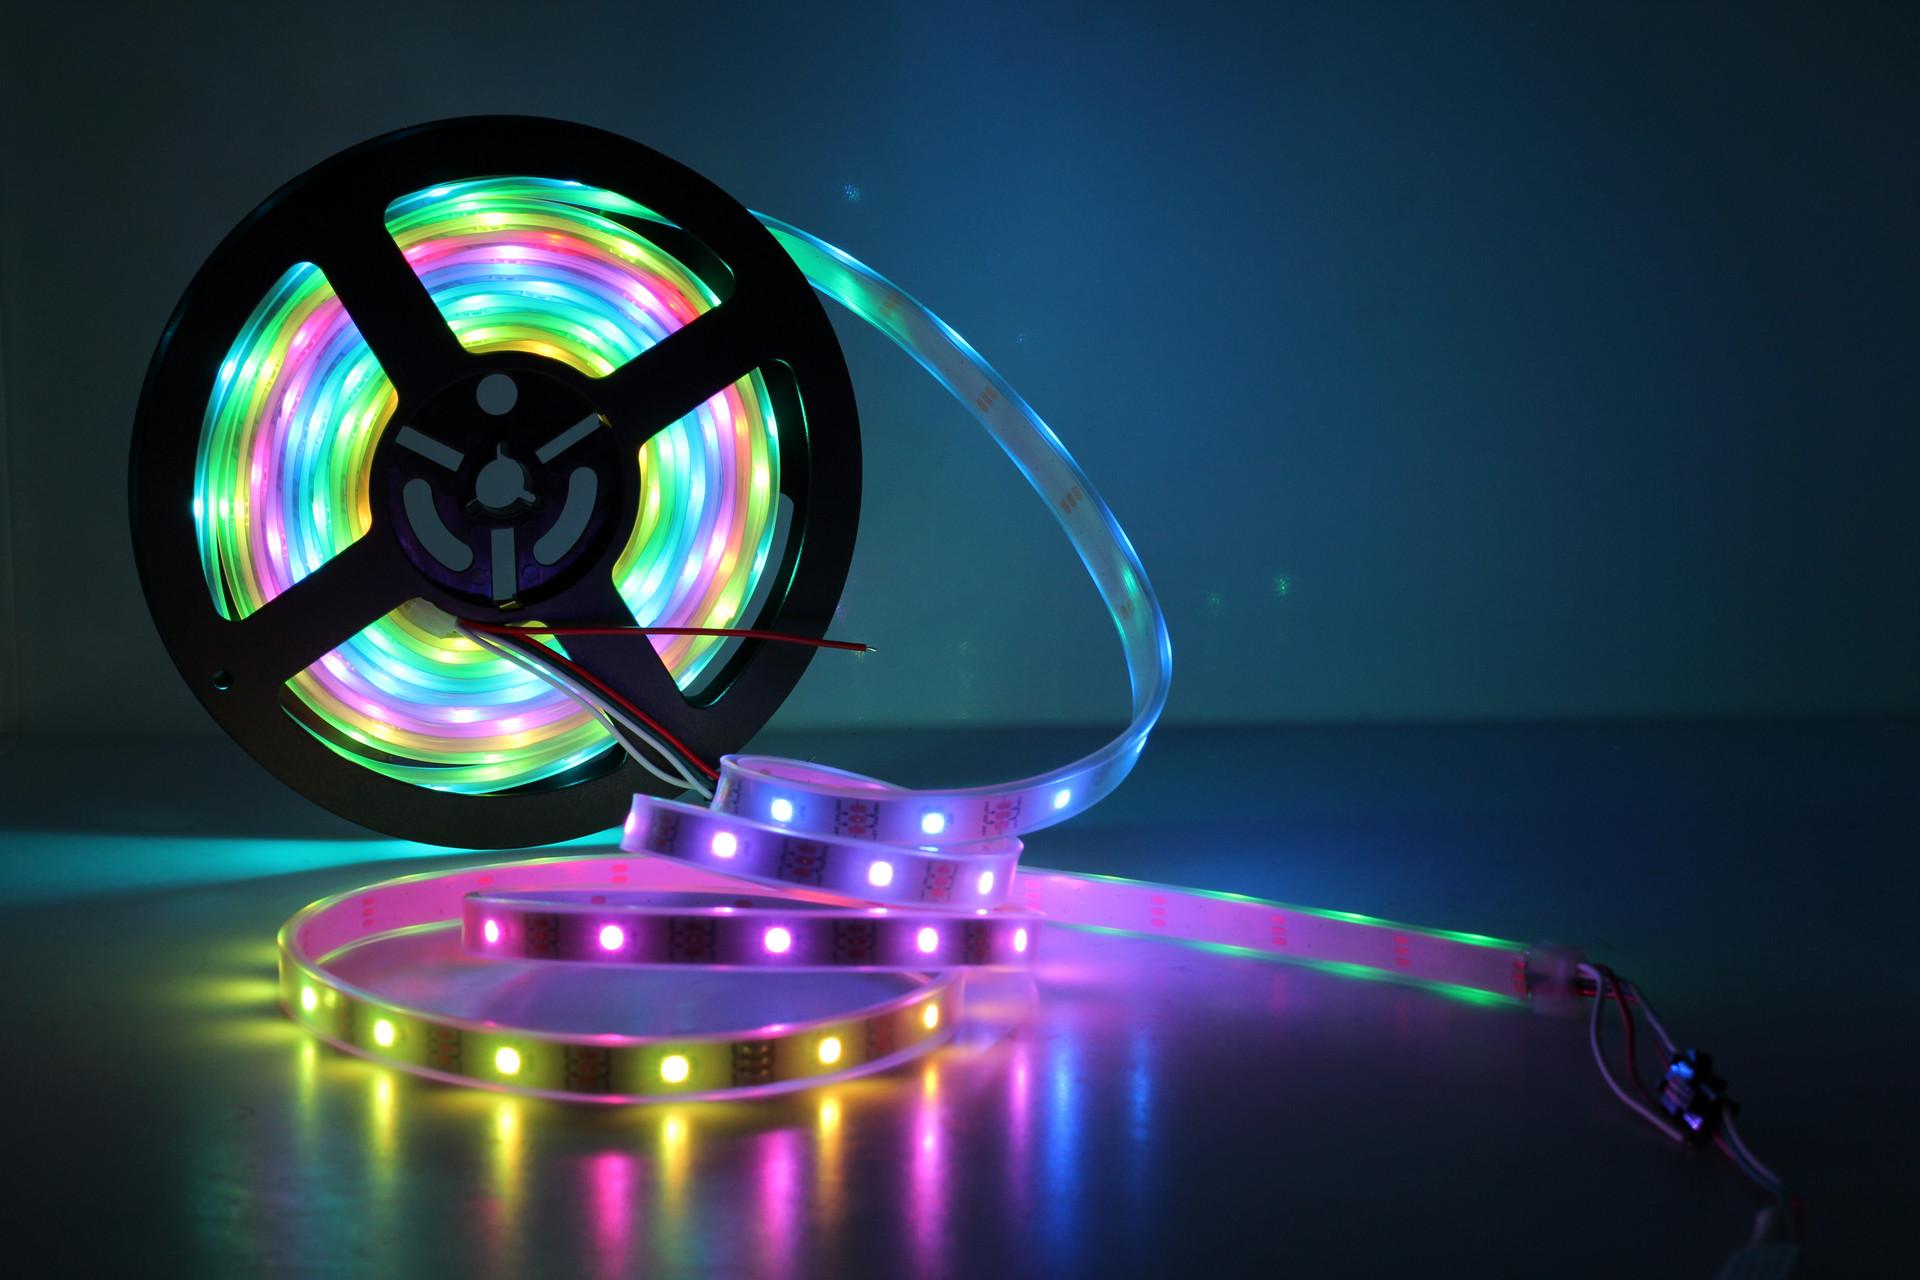 Diodes推出新款LED��悠� �化汽��韧獠空彰髟O�